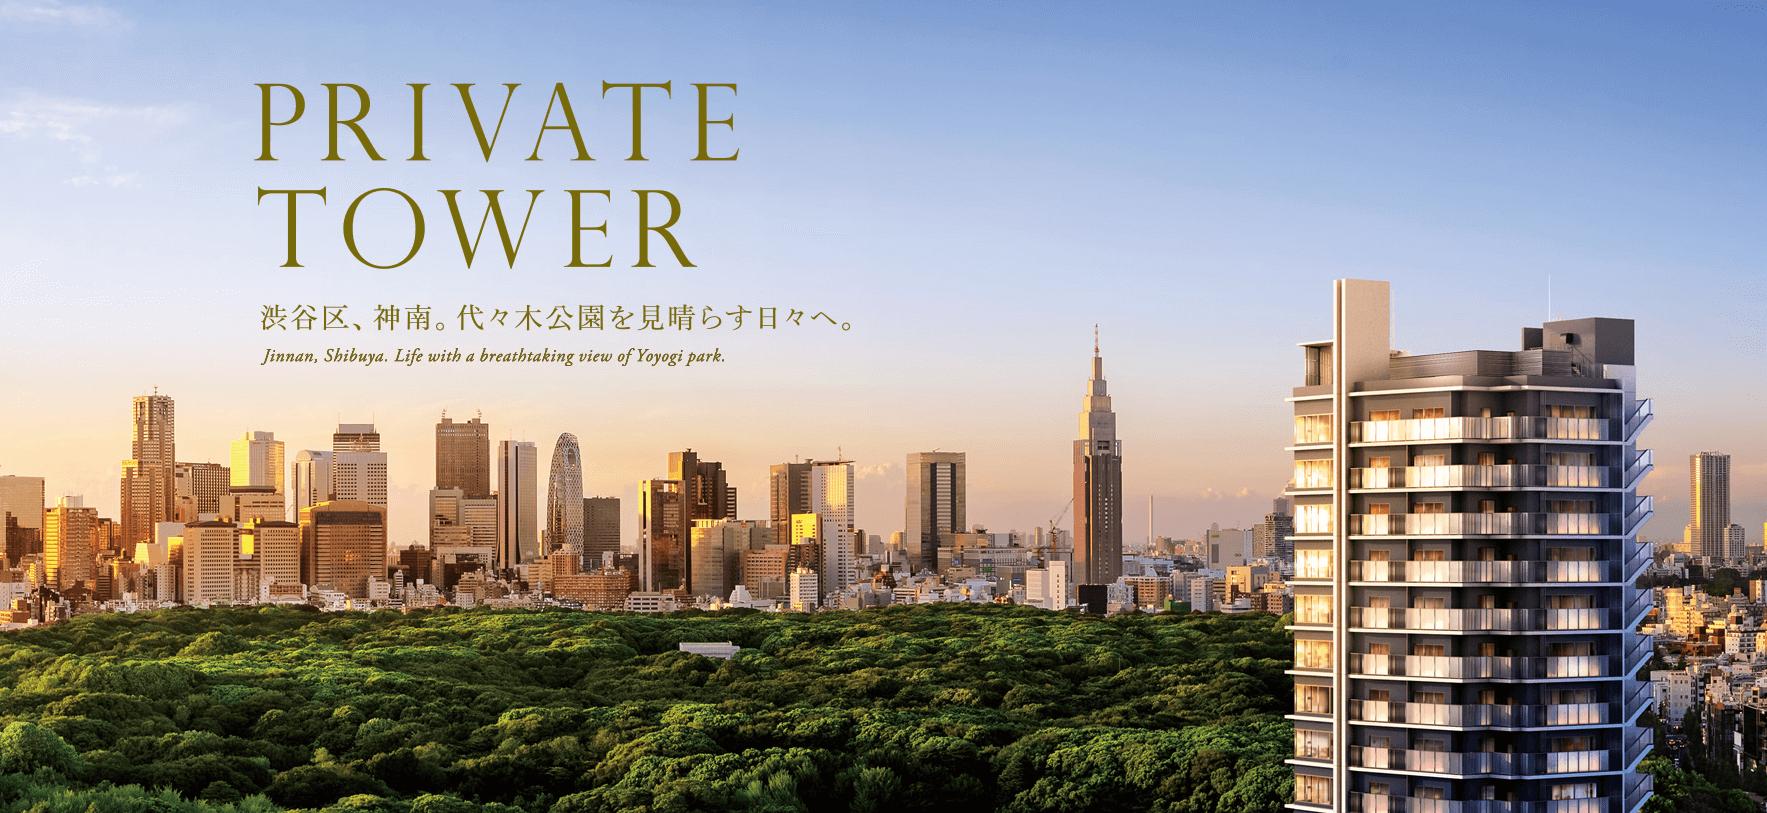 ラトゥール渋谷神南の公式HP